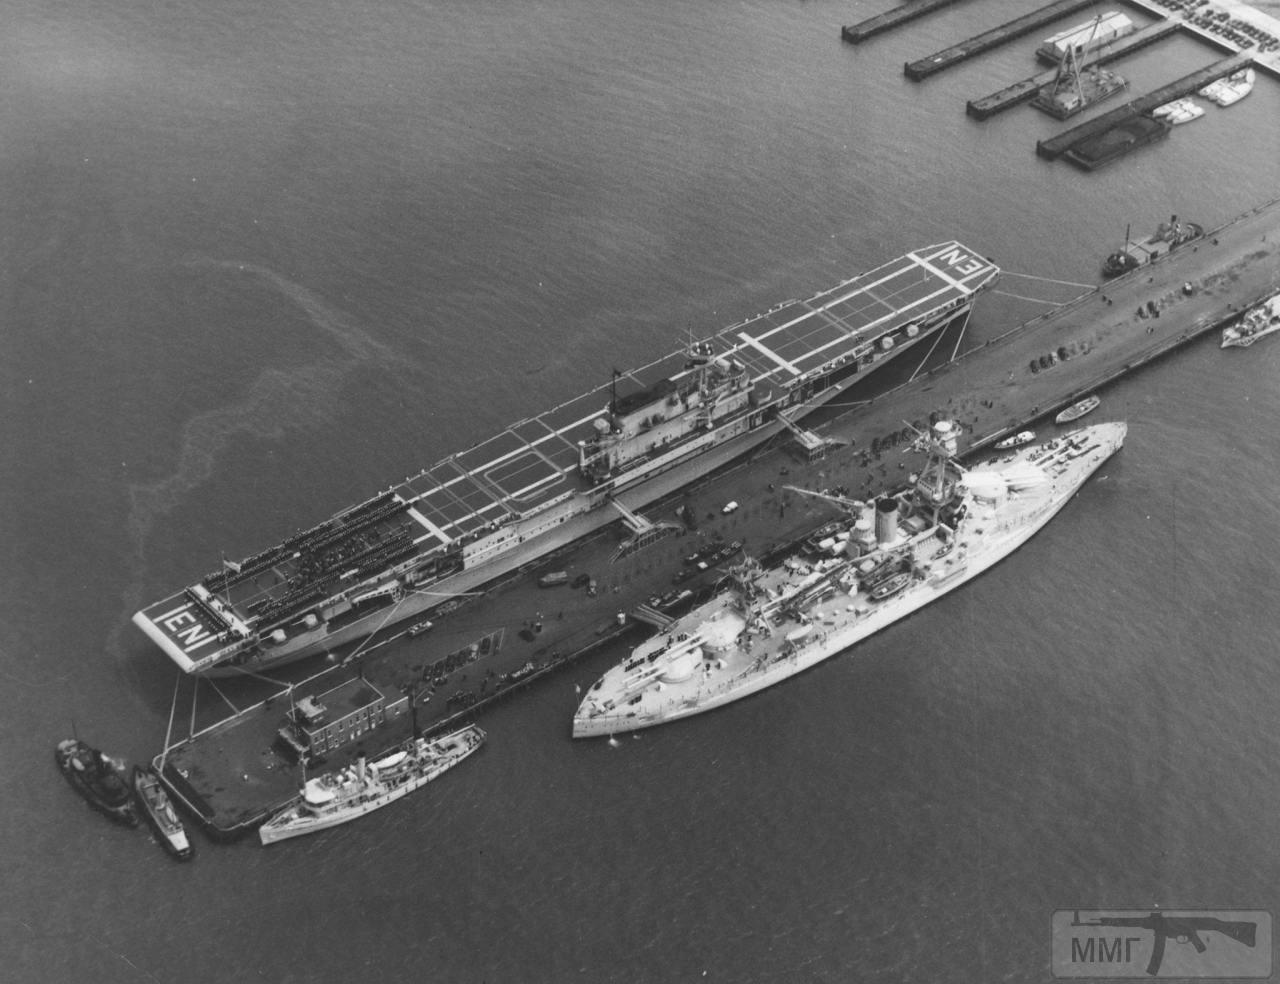 99022 - USS New York (BB-34)